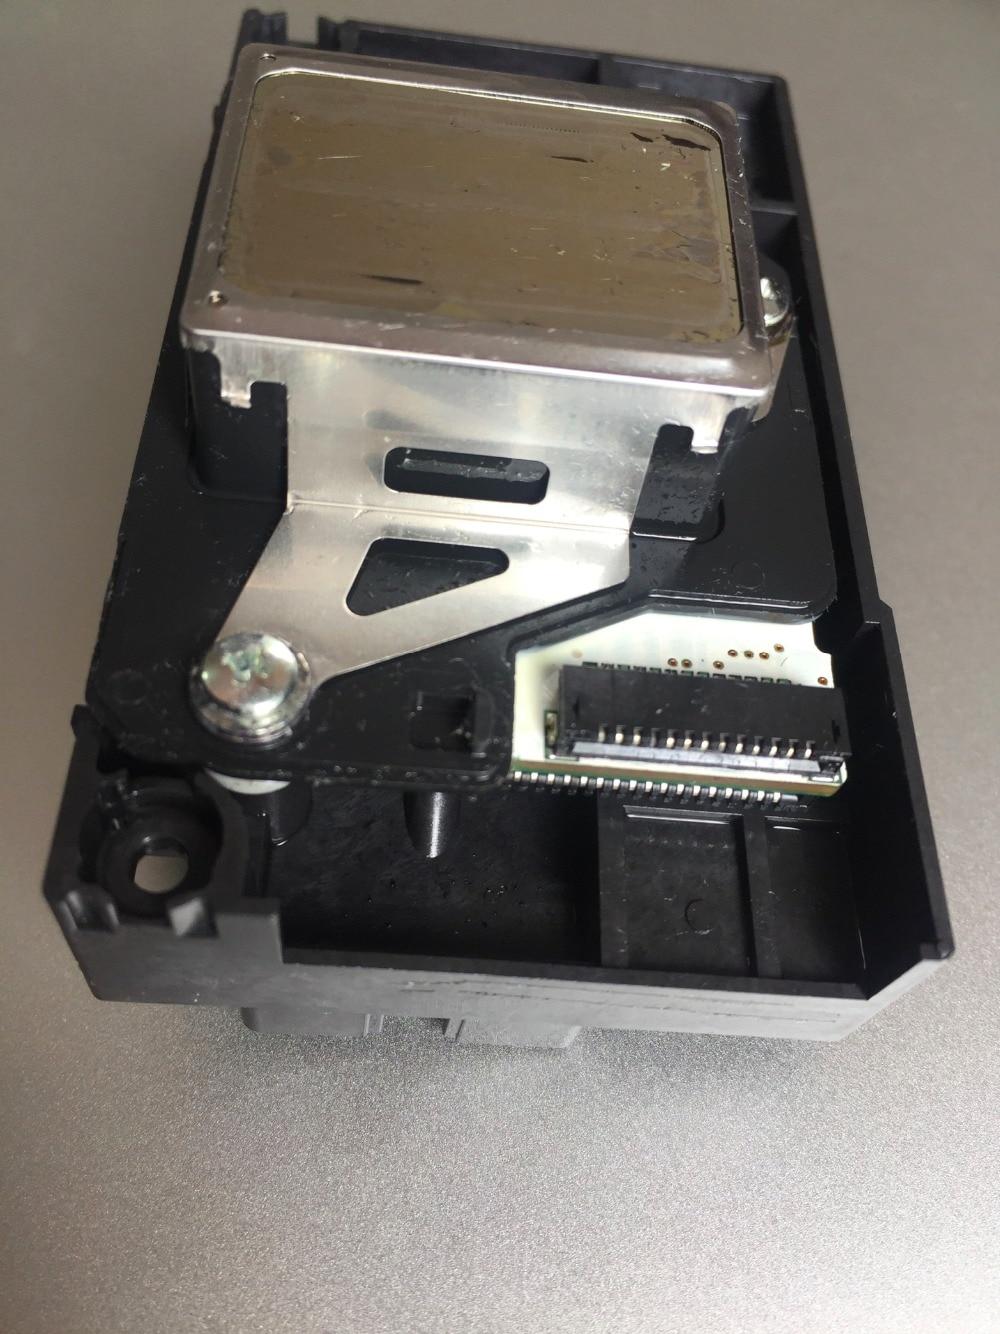 1X F180000 R290 T50 L800 printhead for Epson T50 A50 P50 R290 R280 RX610 RX690 L800 L801 printer1X F180000 R290 T50 L800 printhead for Epson T50 A50 P50 R290 R280 RX610 RX690 L800 L801 printer